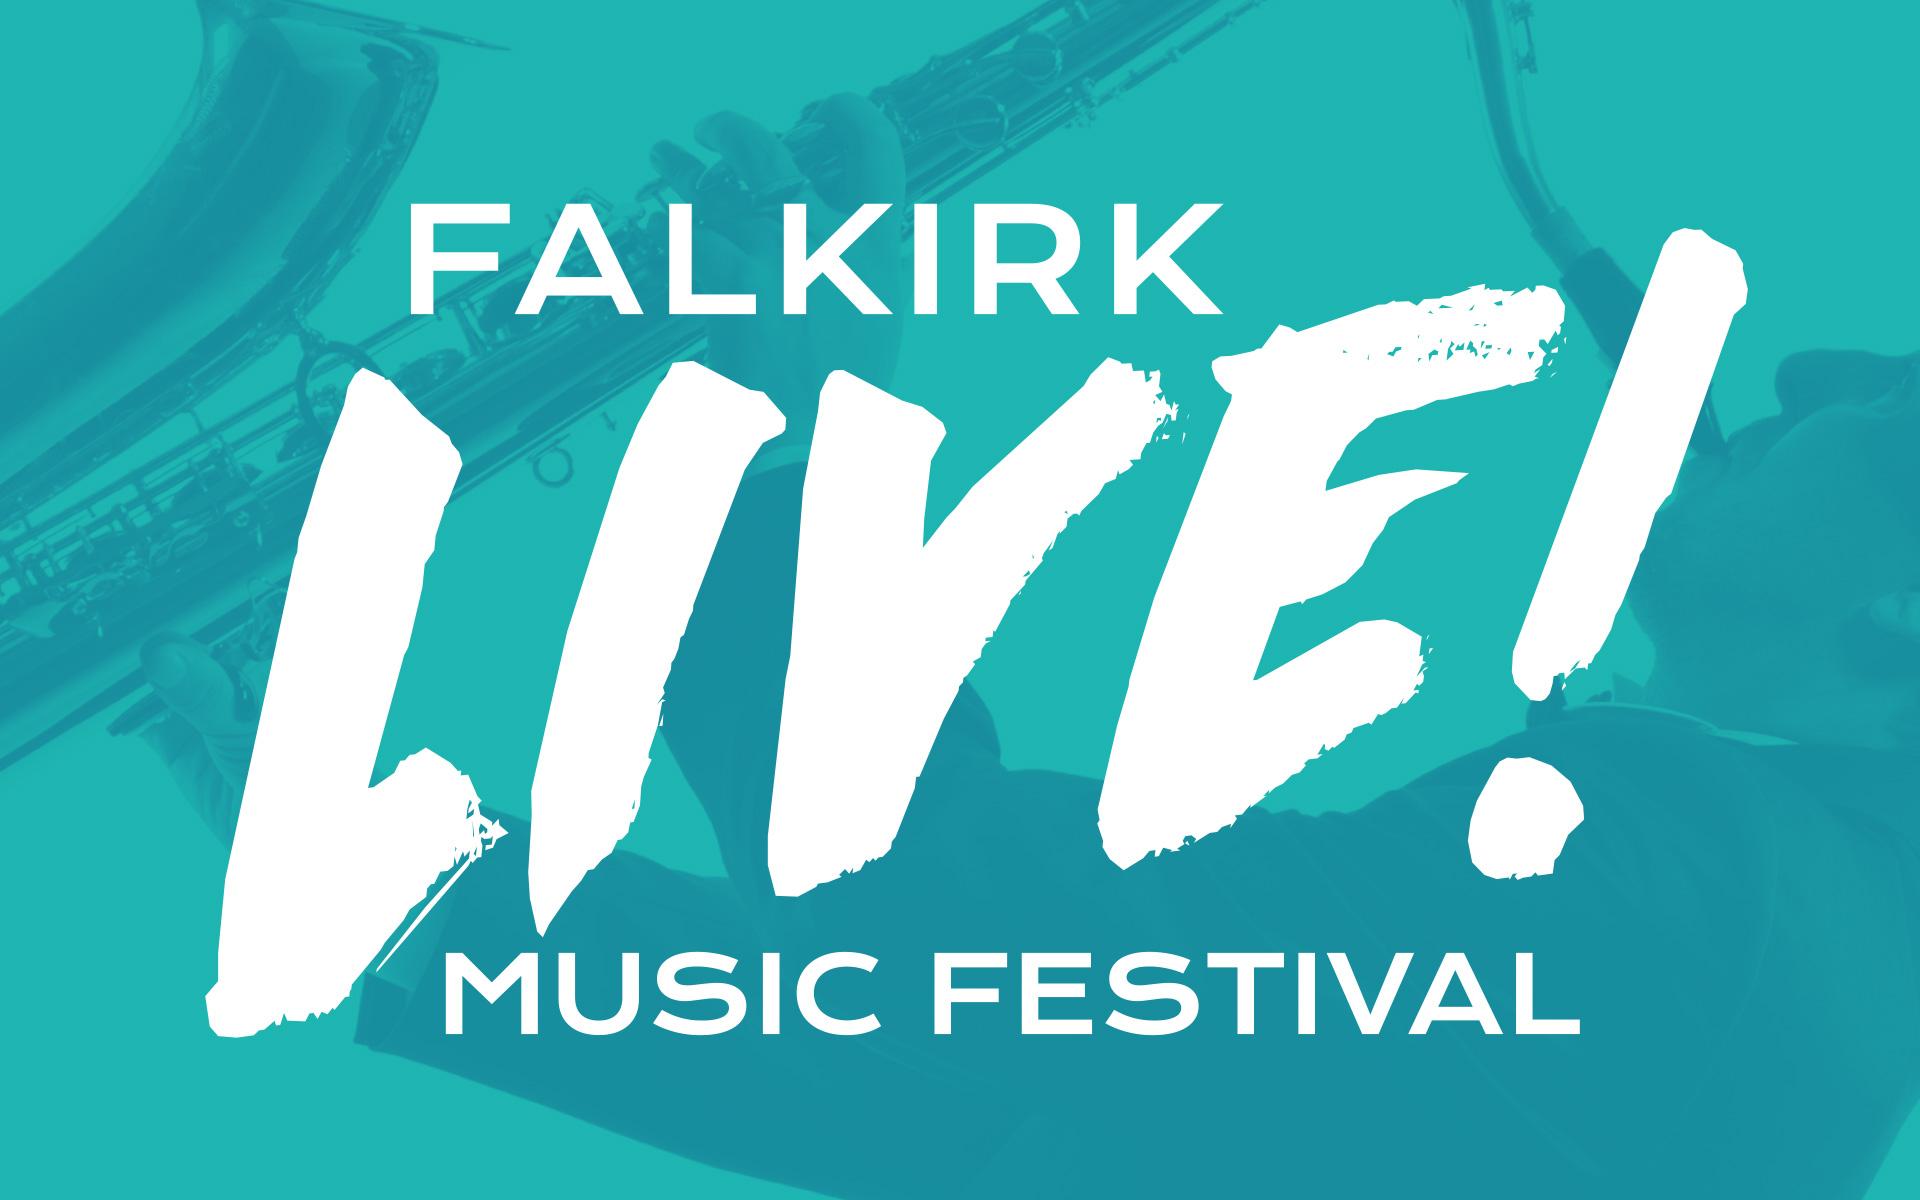 Falkirk Live